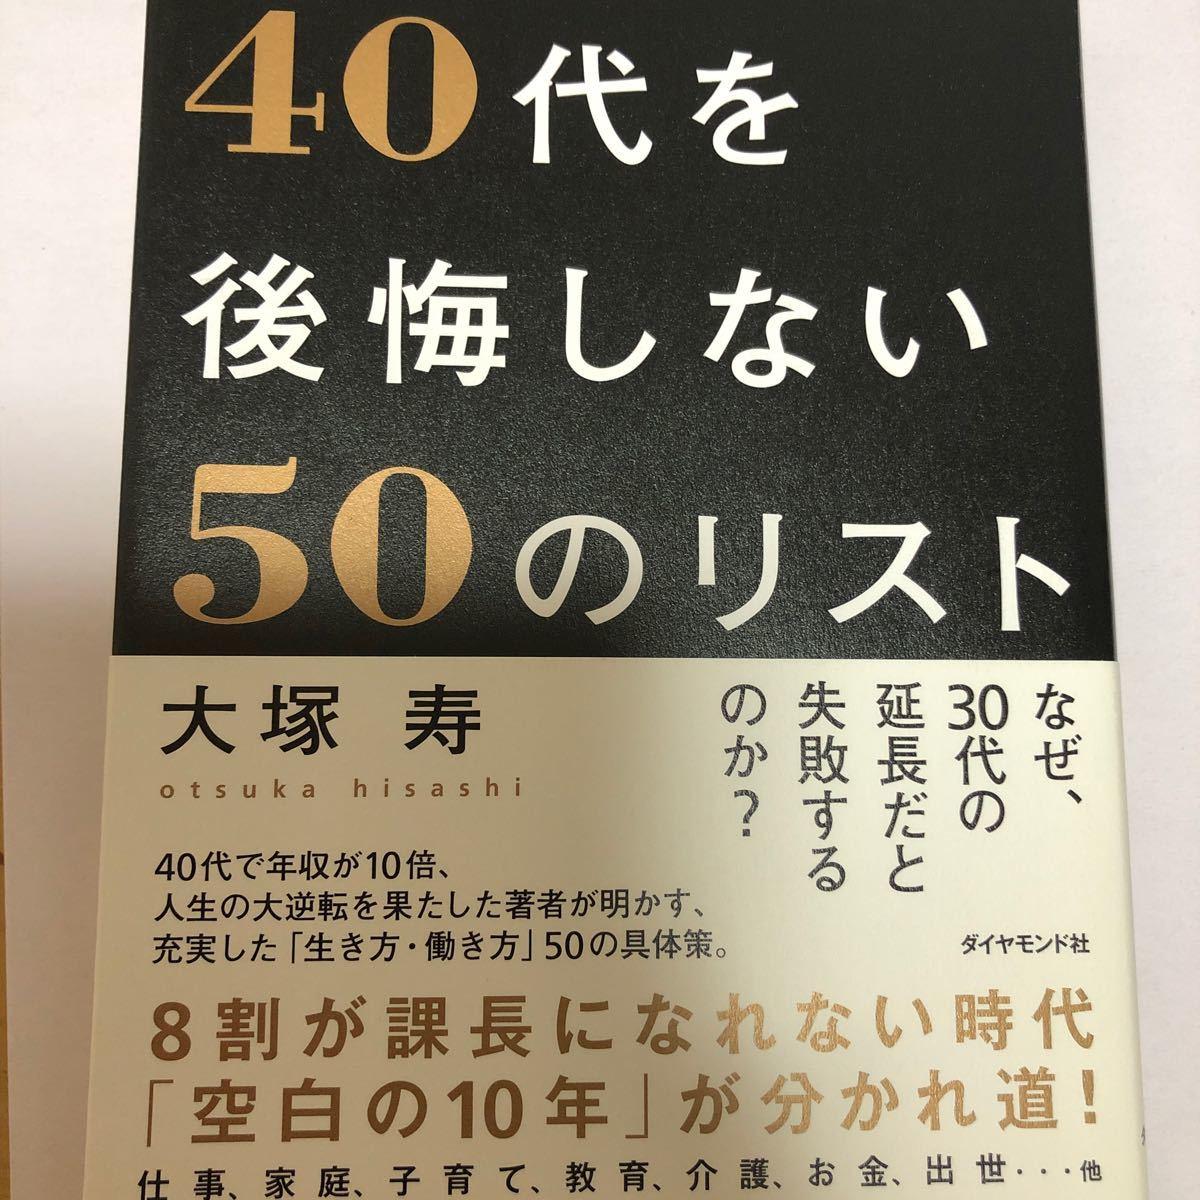 40代を後悔しない50のリスト ダイヤモンド社   ジャンル自己啓発/ 大塚寿